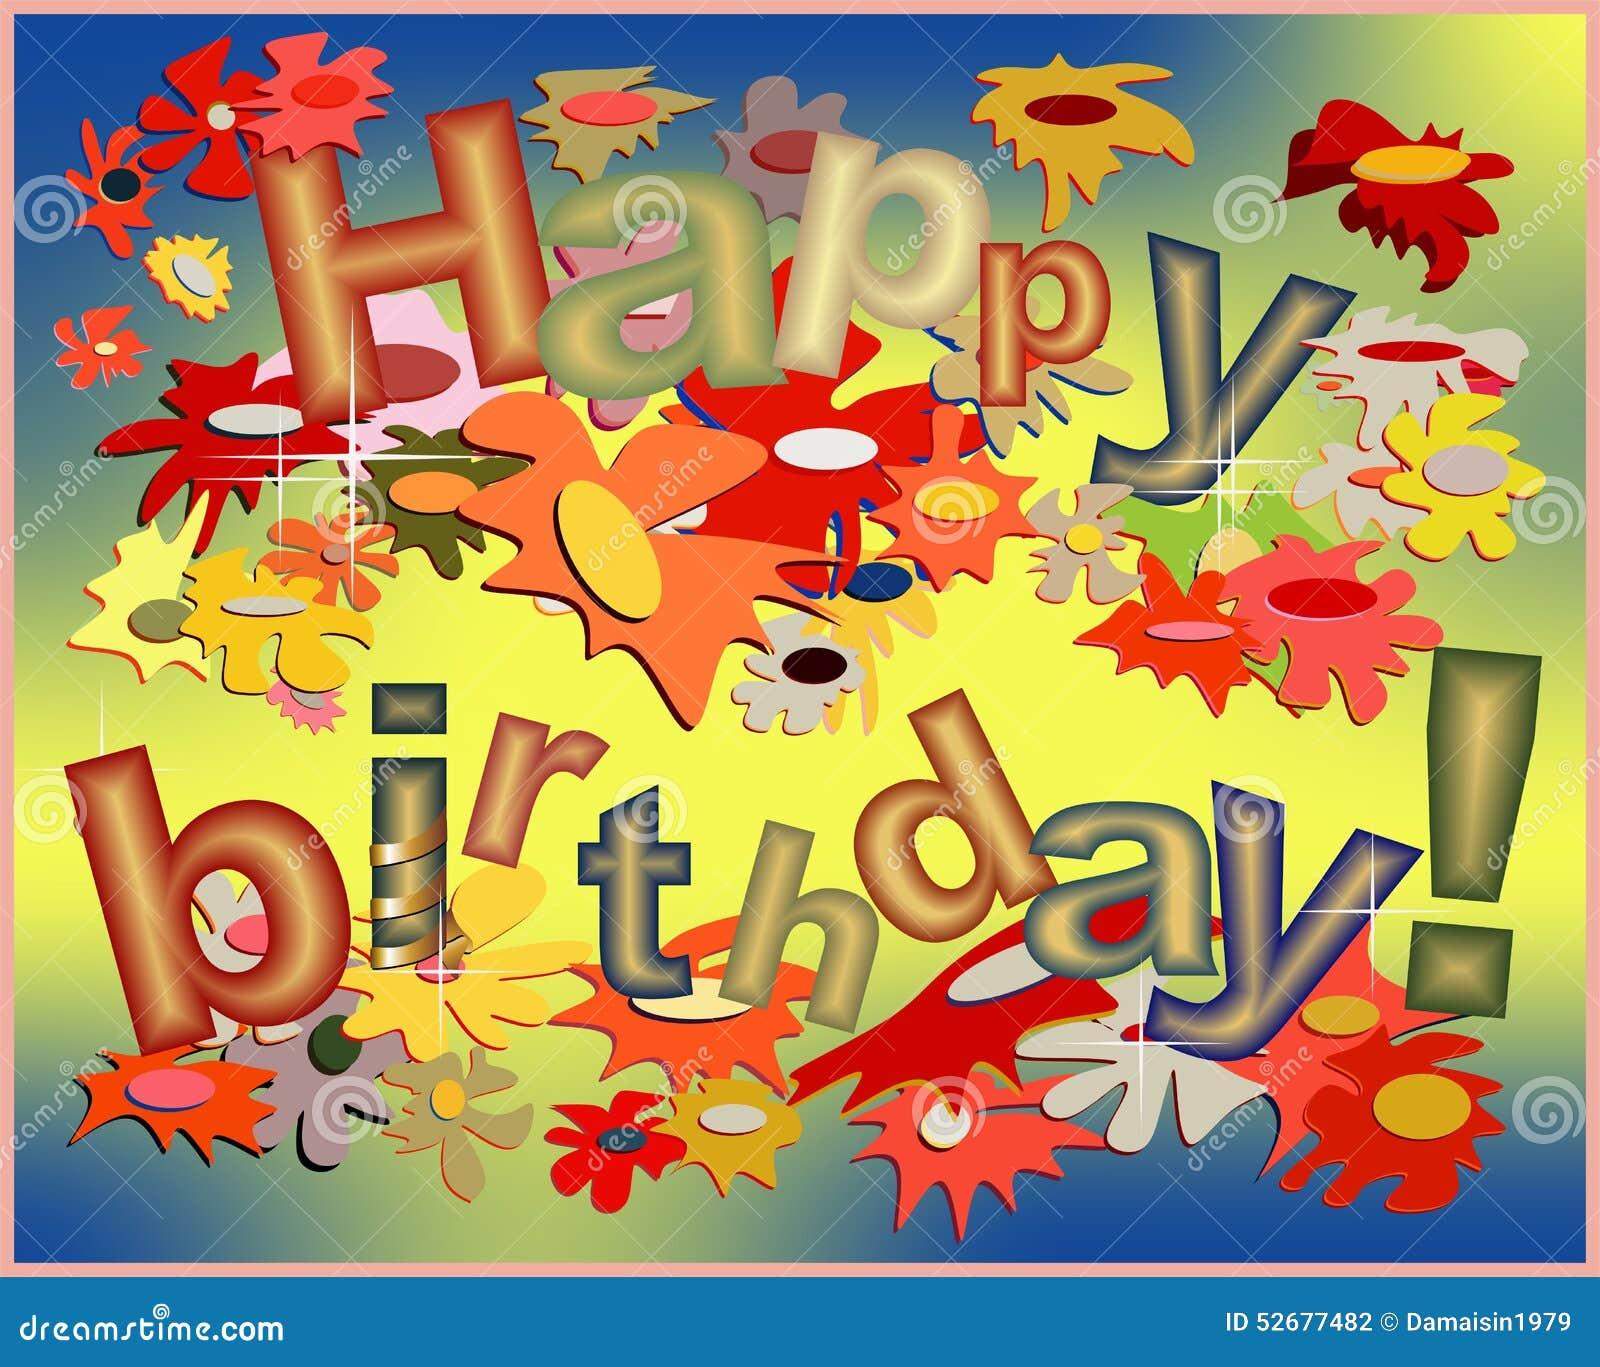 Happy birthday funny card stock photo image 52677482